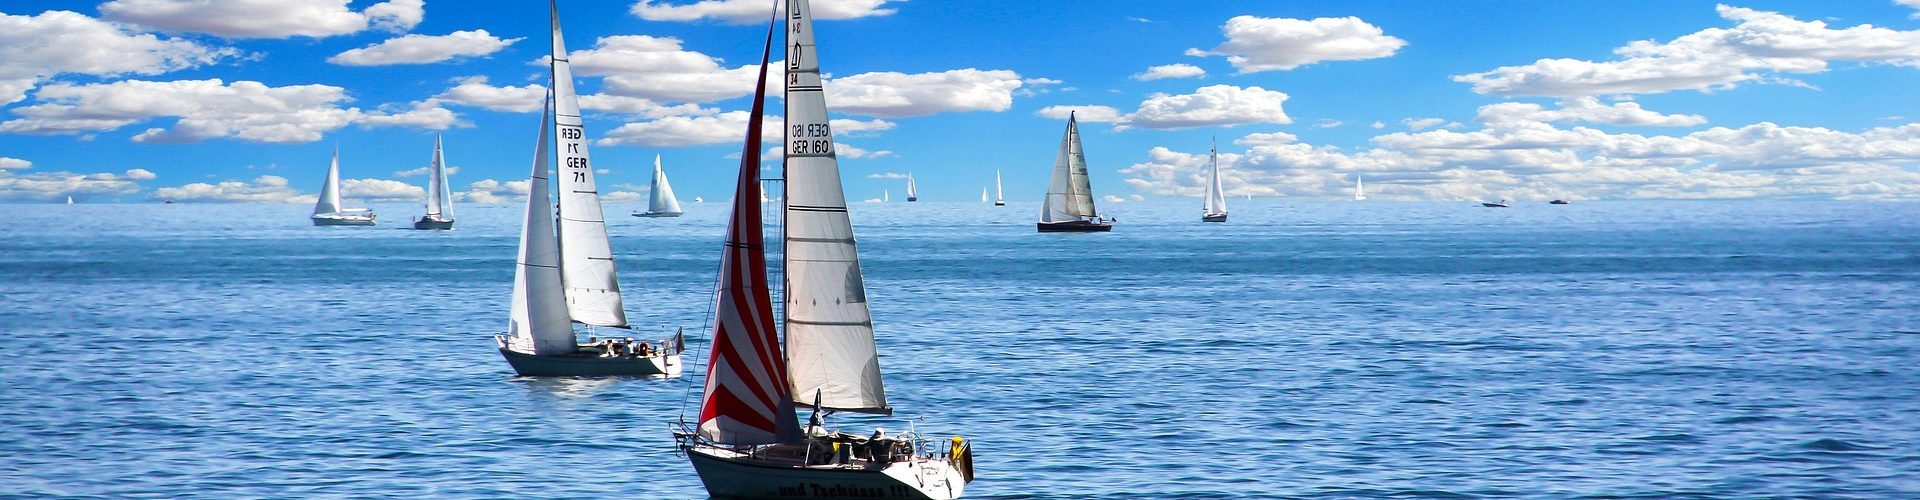 segeln lernen in Gelting segelschein machen in Gelting 1920x500 - Segeln lernen in Gelting